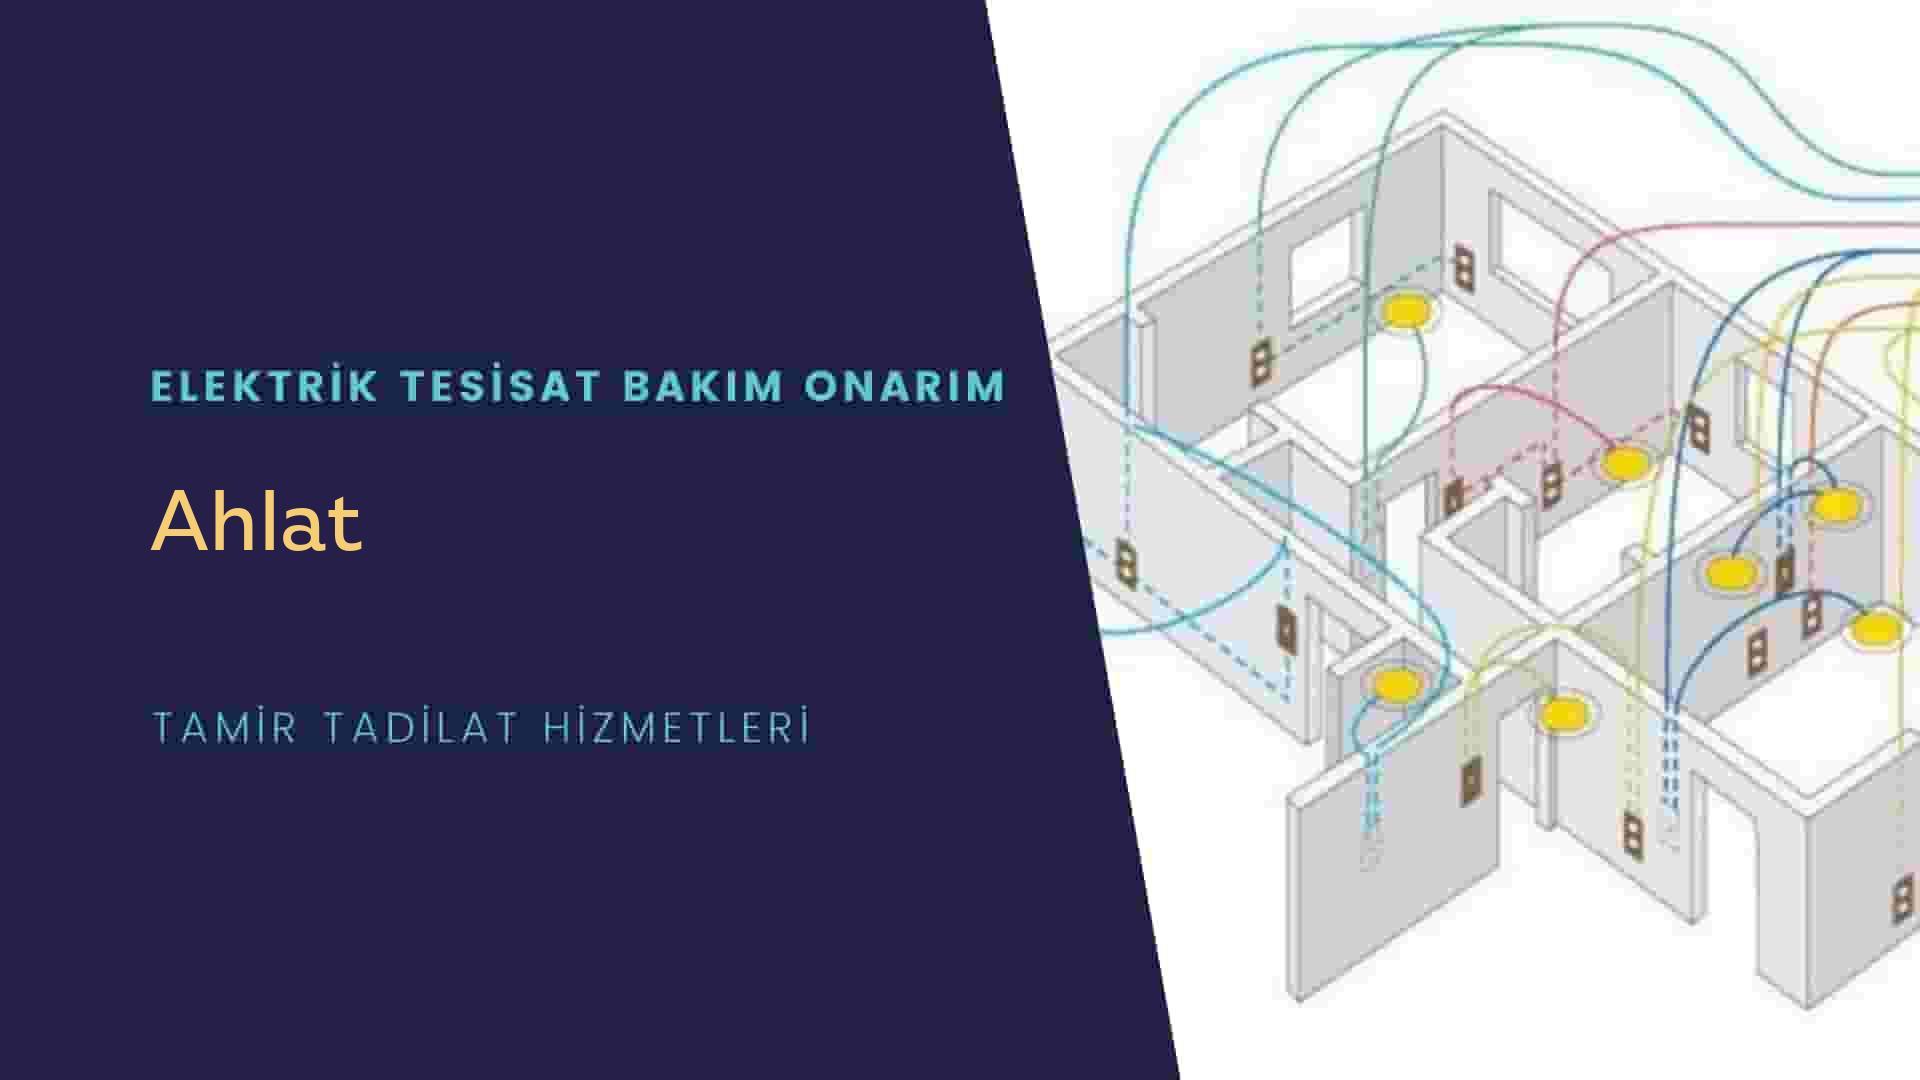 Ahlat'ta elektrik tesisatıustalarımı arıyorsunuz doğru adrestenizi Ahlat elektrik tesisatı ustalarımız 7/24 sizlere hizmet vermekten mutluluk duyar.